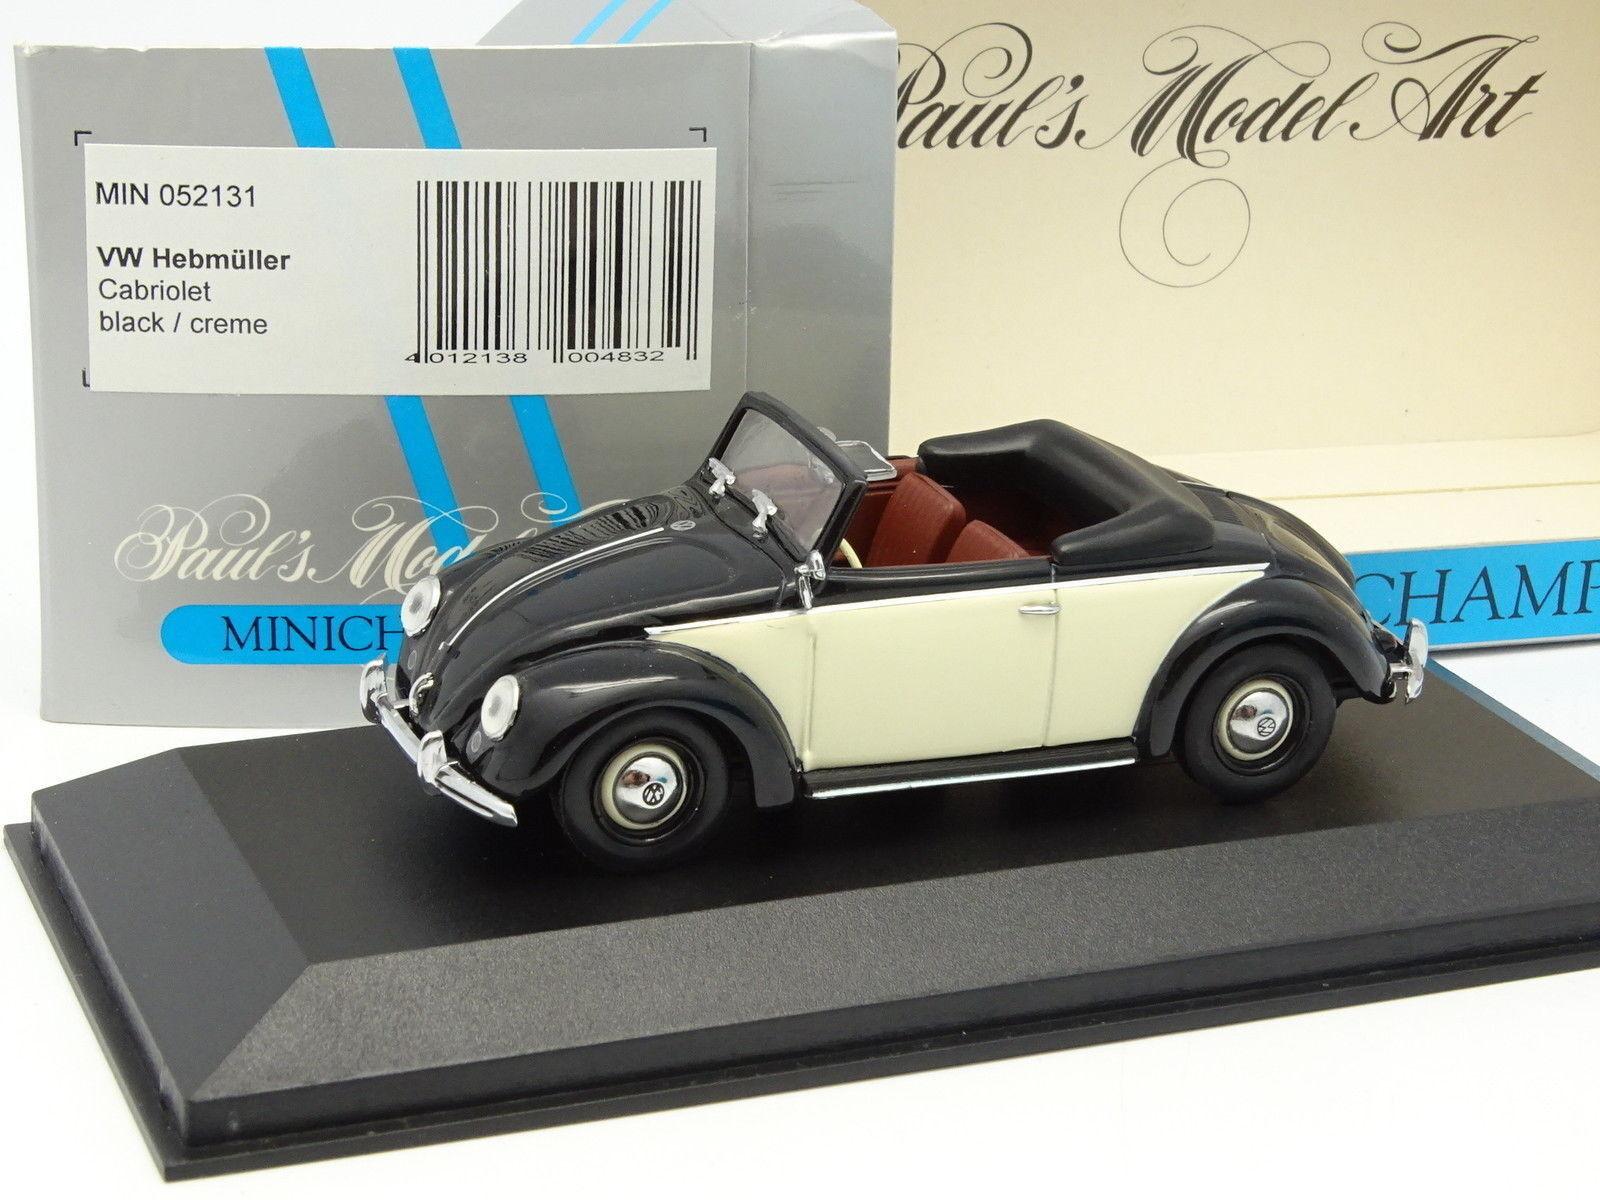 Minichamps 1 43 - VW Coccinelle  Hebmüller Cabriolet Noire Crème